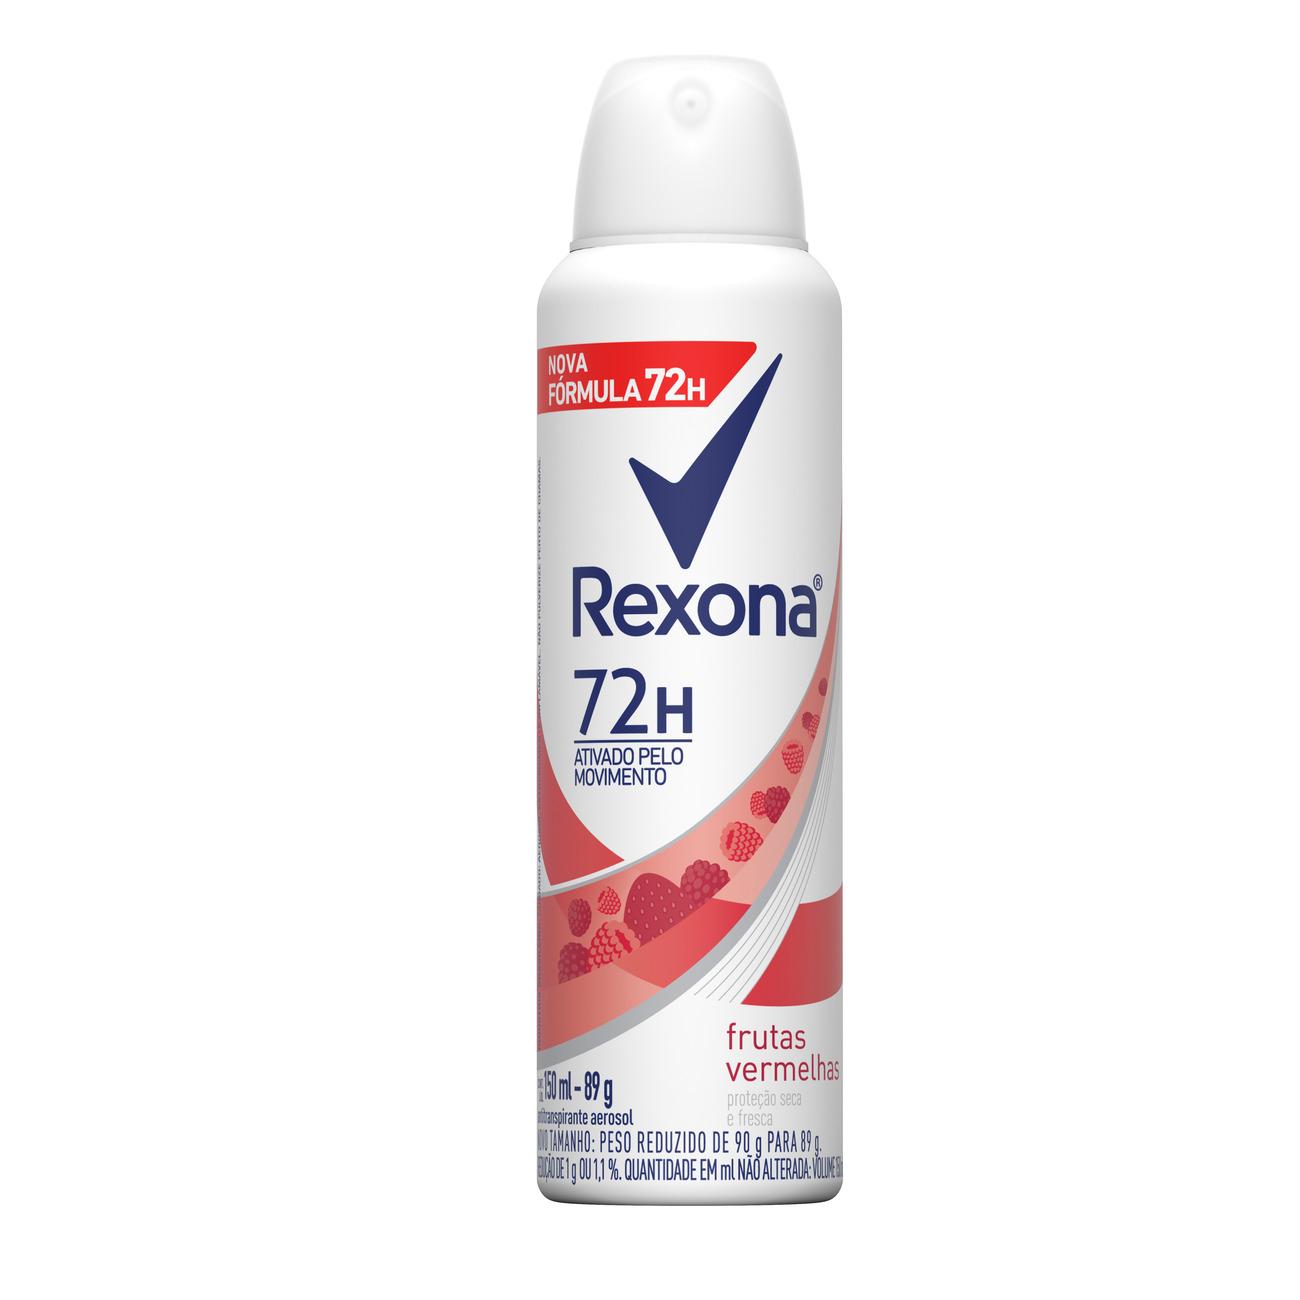 Desodorante Aerosol Rexona Frutas Vermelhas 72 horas 150mL